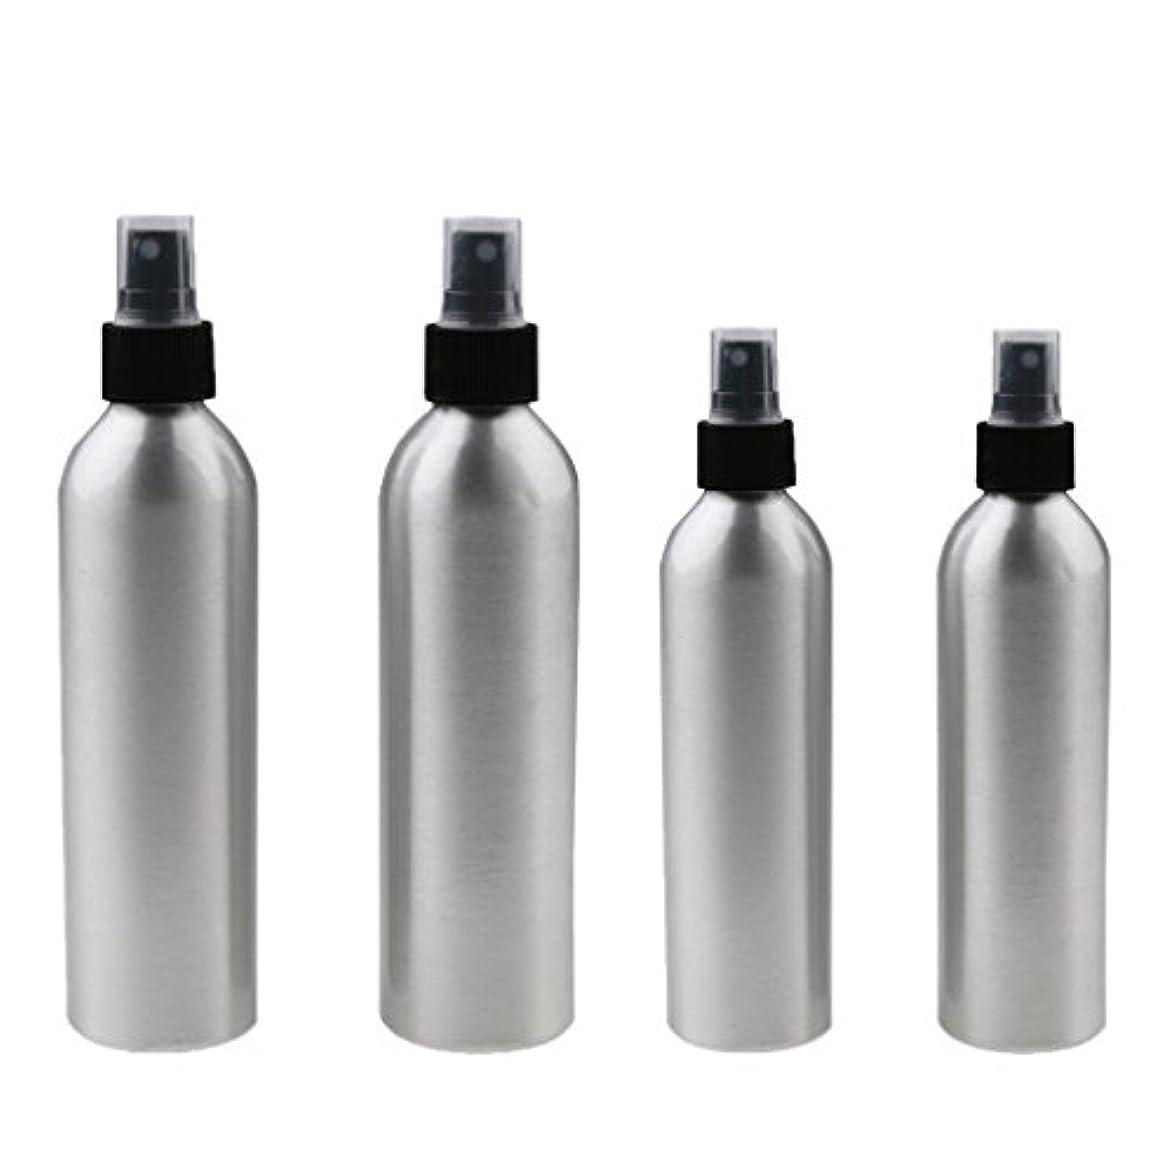 Kesoto 4本入り スプレーボトル 100mlと150ml各2本 アルミミスト スプレー 香水 ボトル スプレーアトマイザー